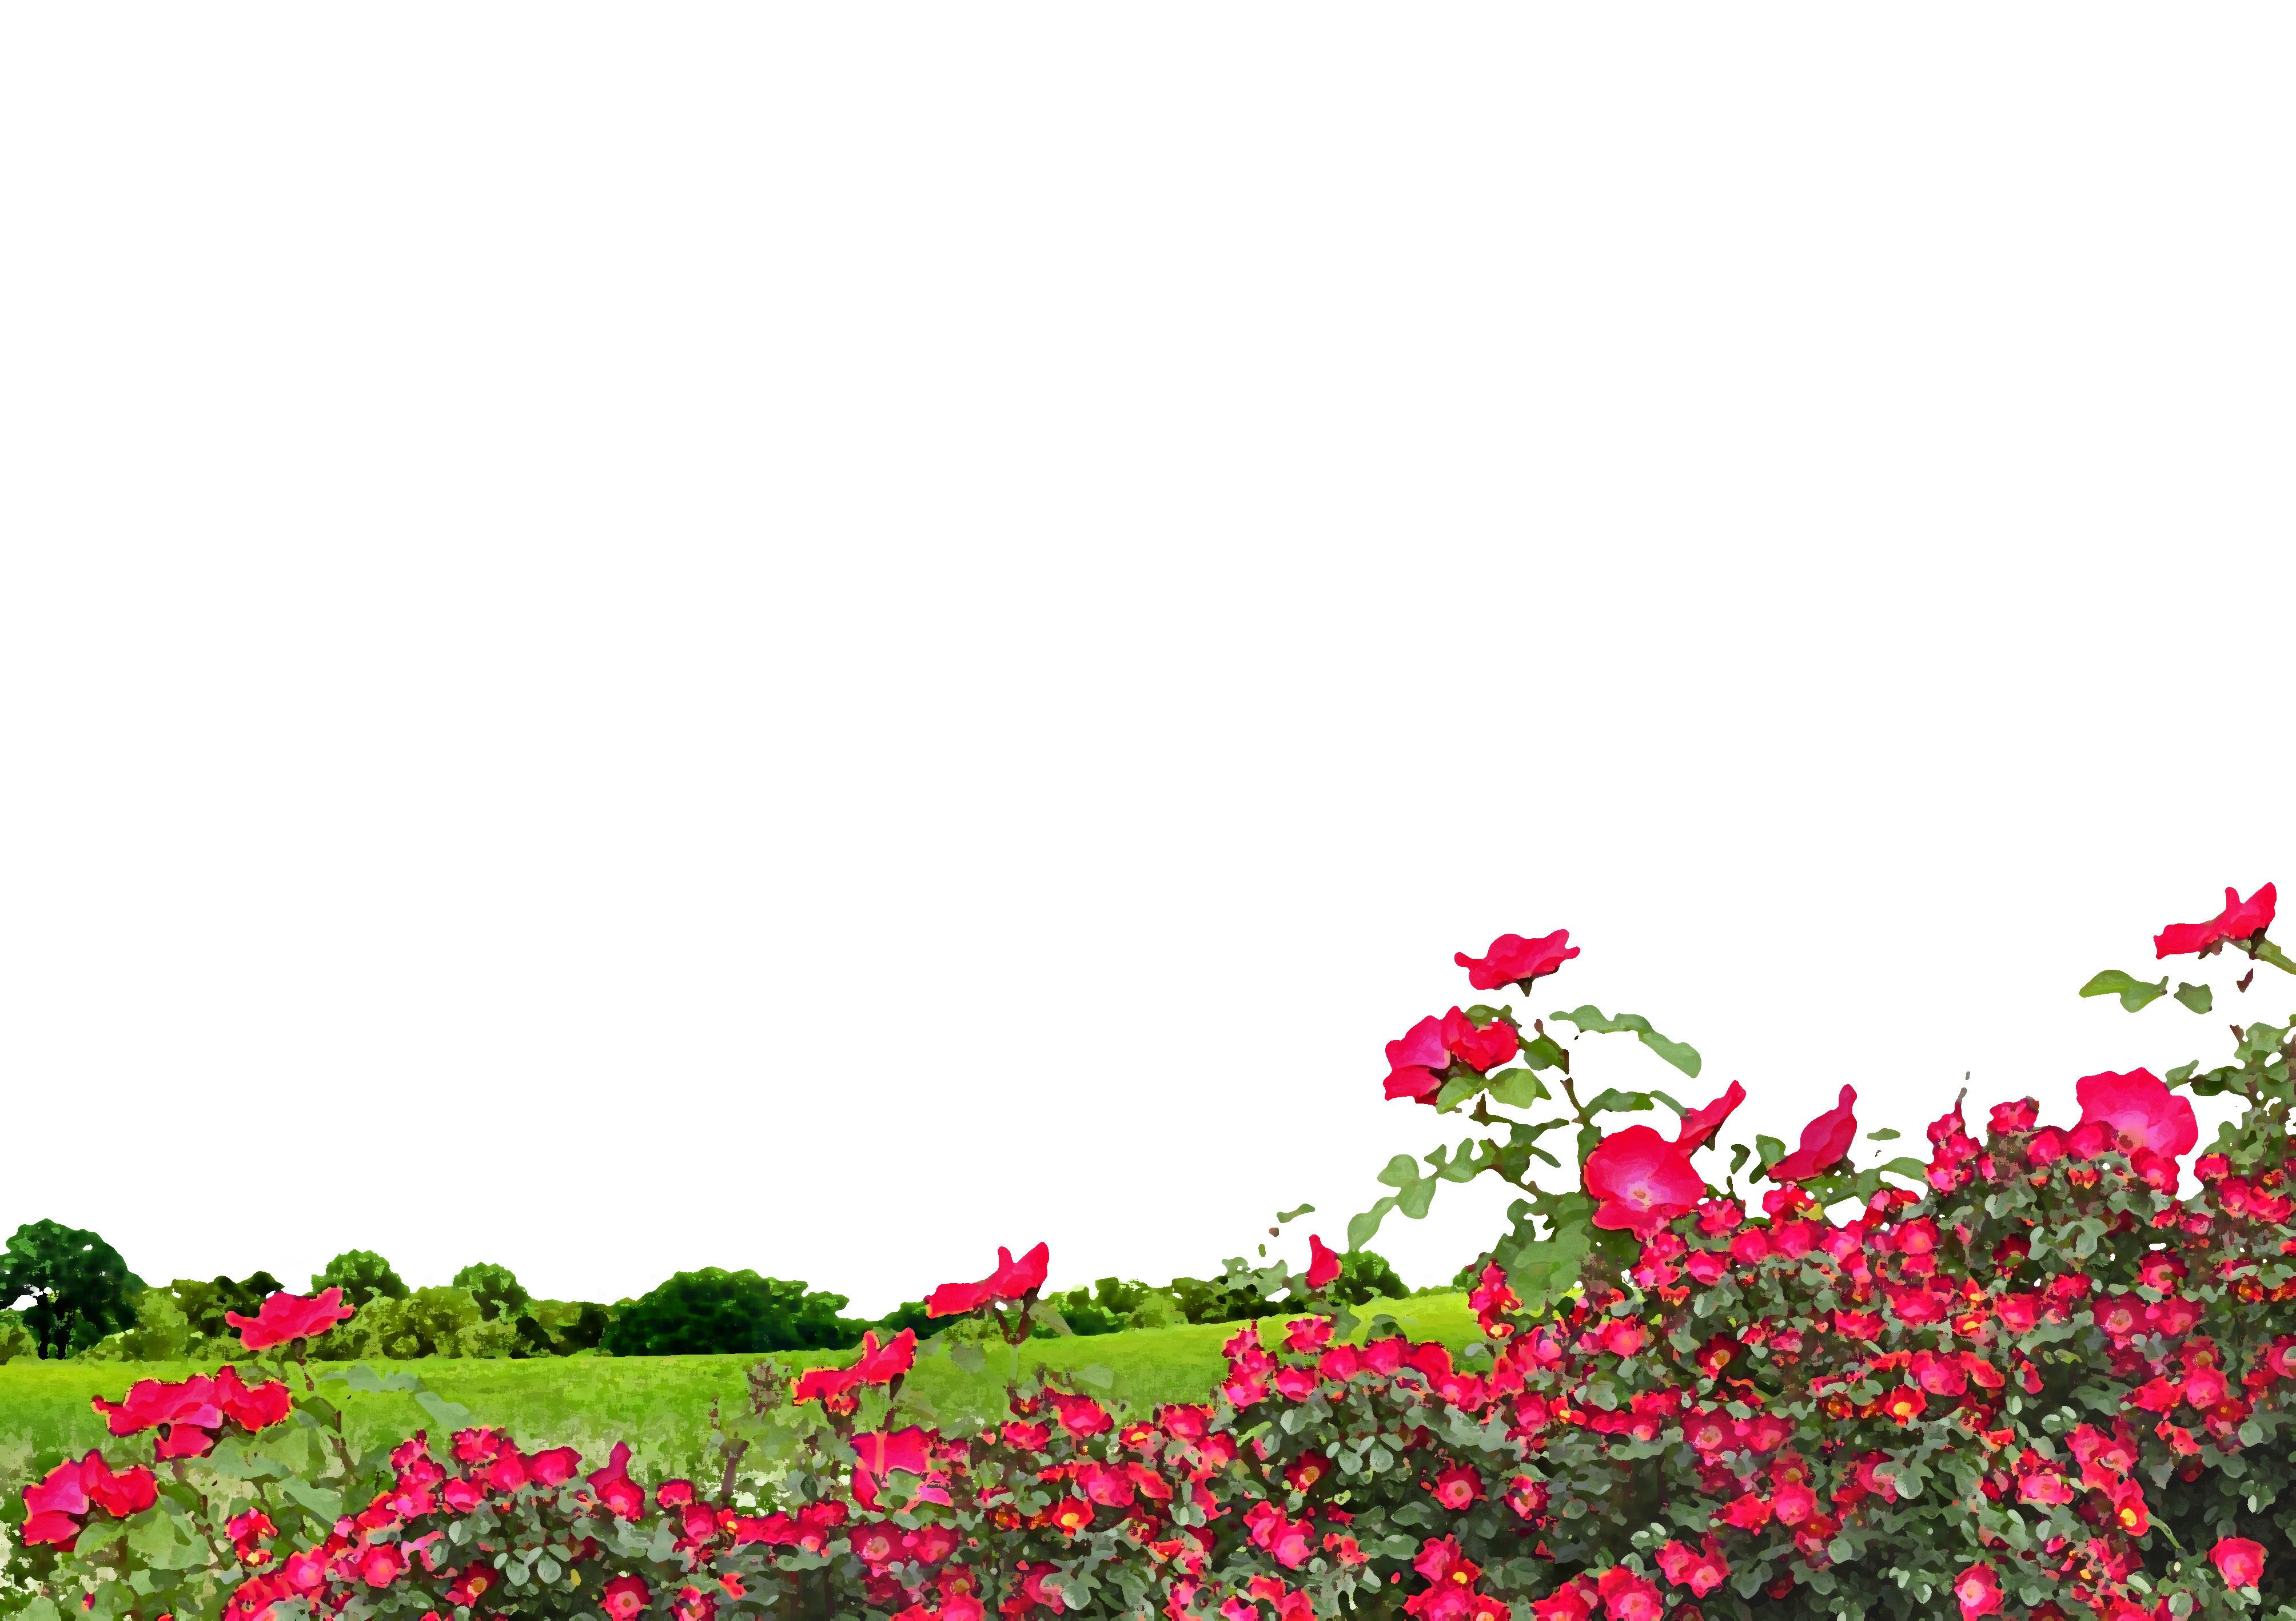 赤い花のイラストフリー素材背景壁紙no1013草原花畑空